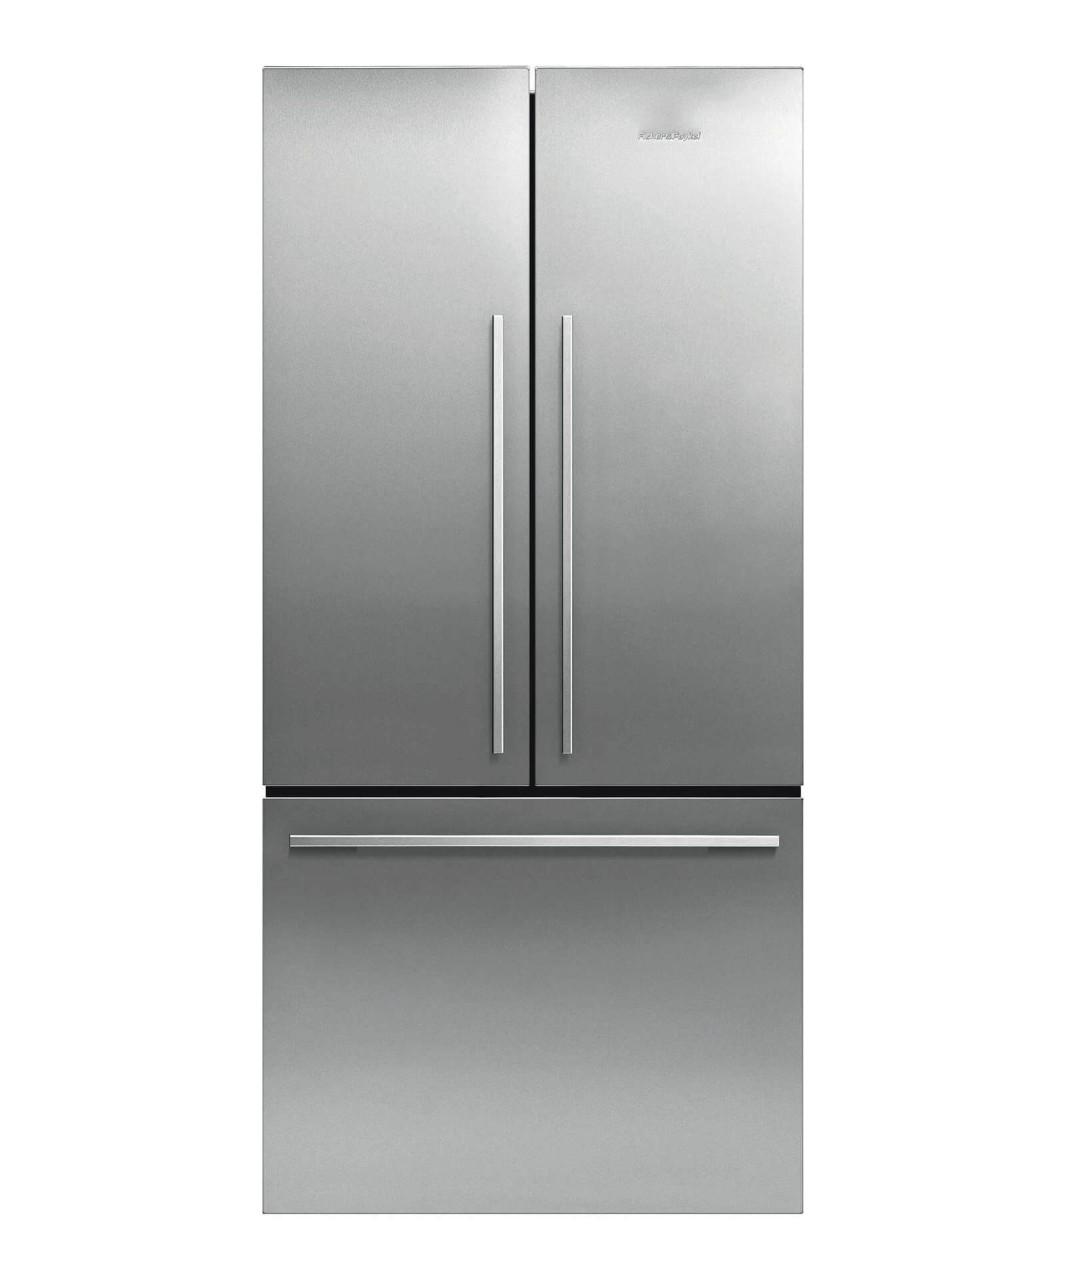 DISPLAY MODEL--French Door Refrigerator 17cu ft